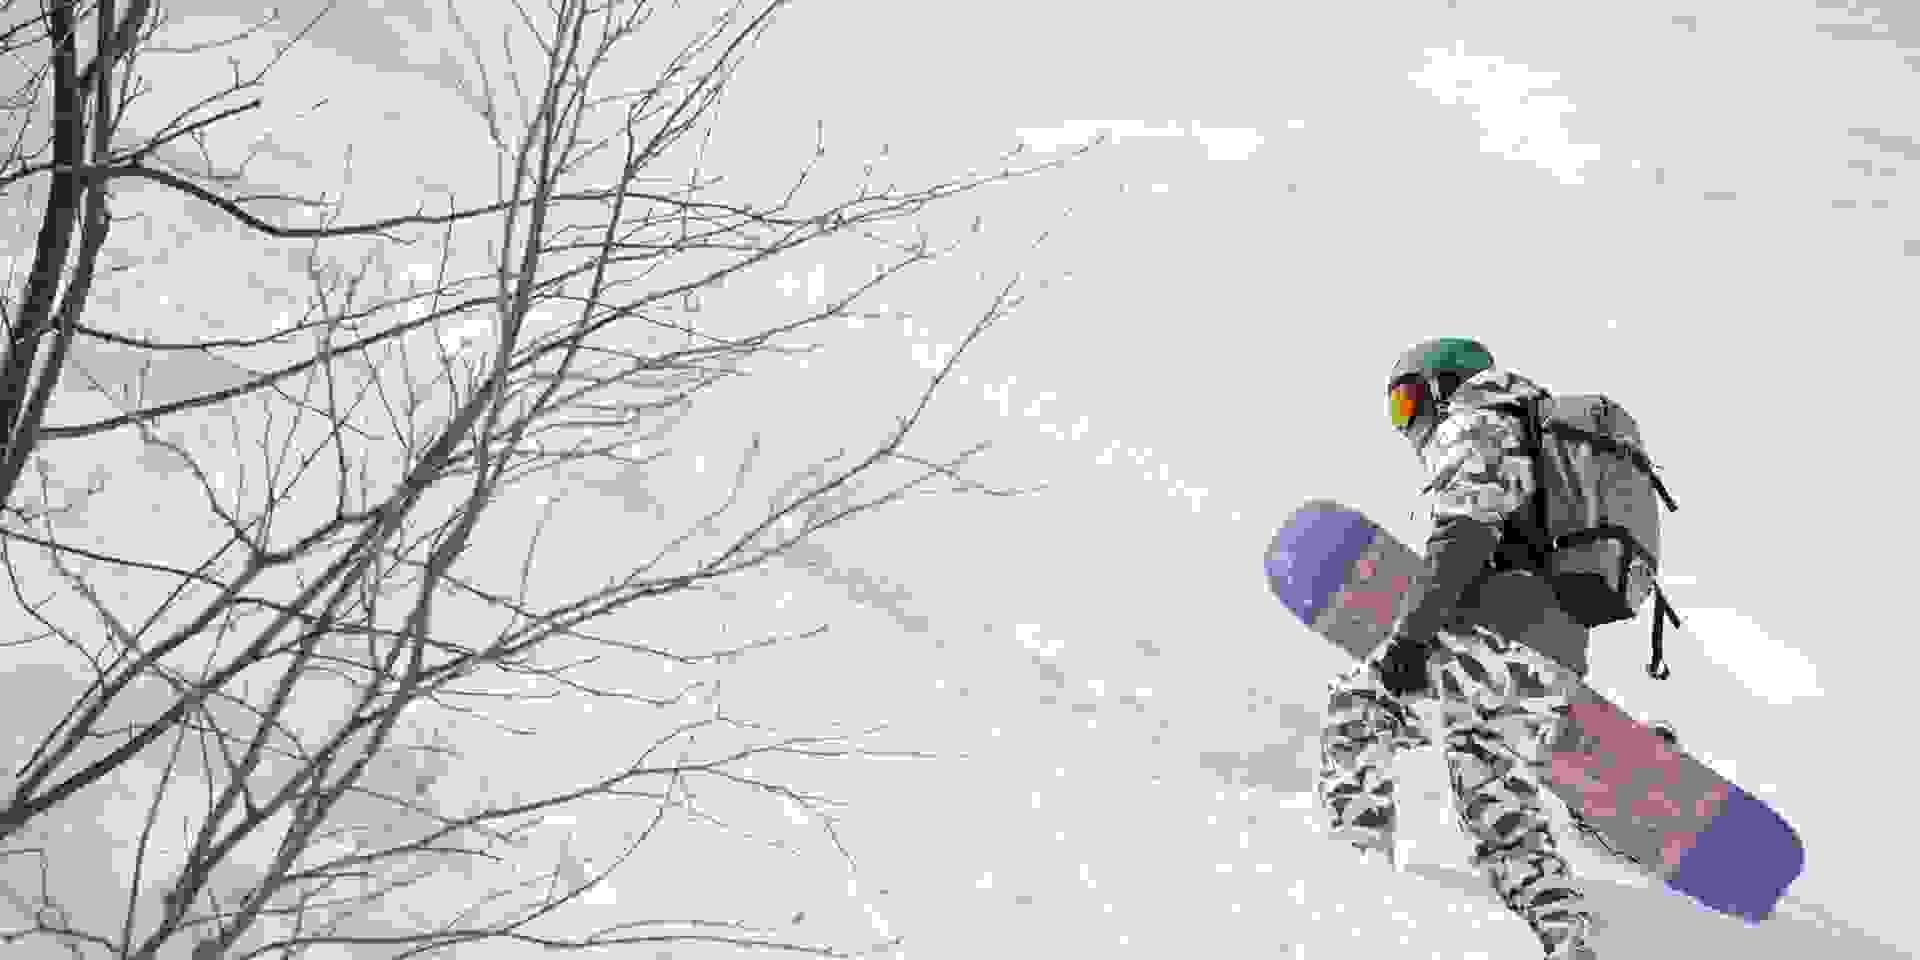 Ein Snowboarder steigt einen unberührten Tiefschneehang hinauf.